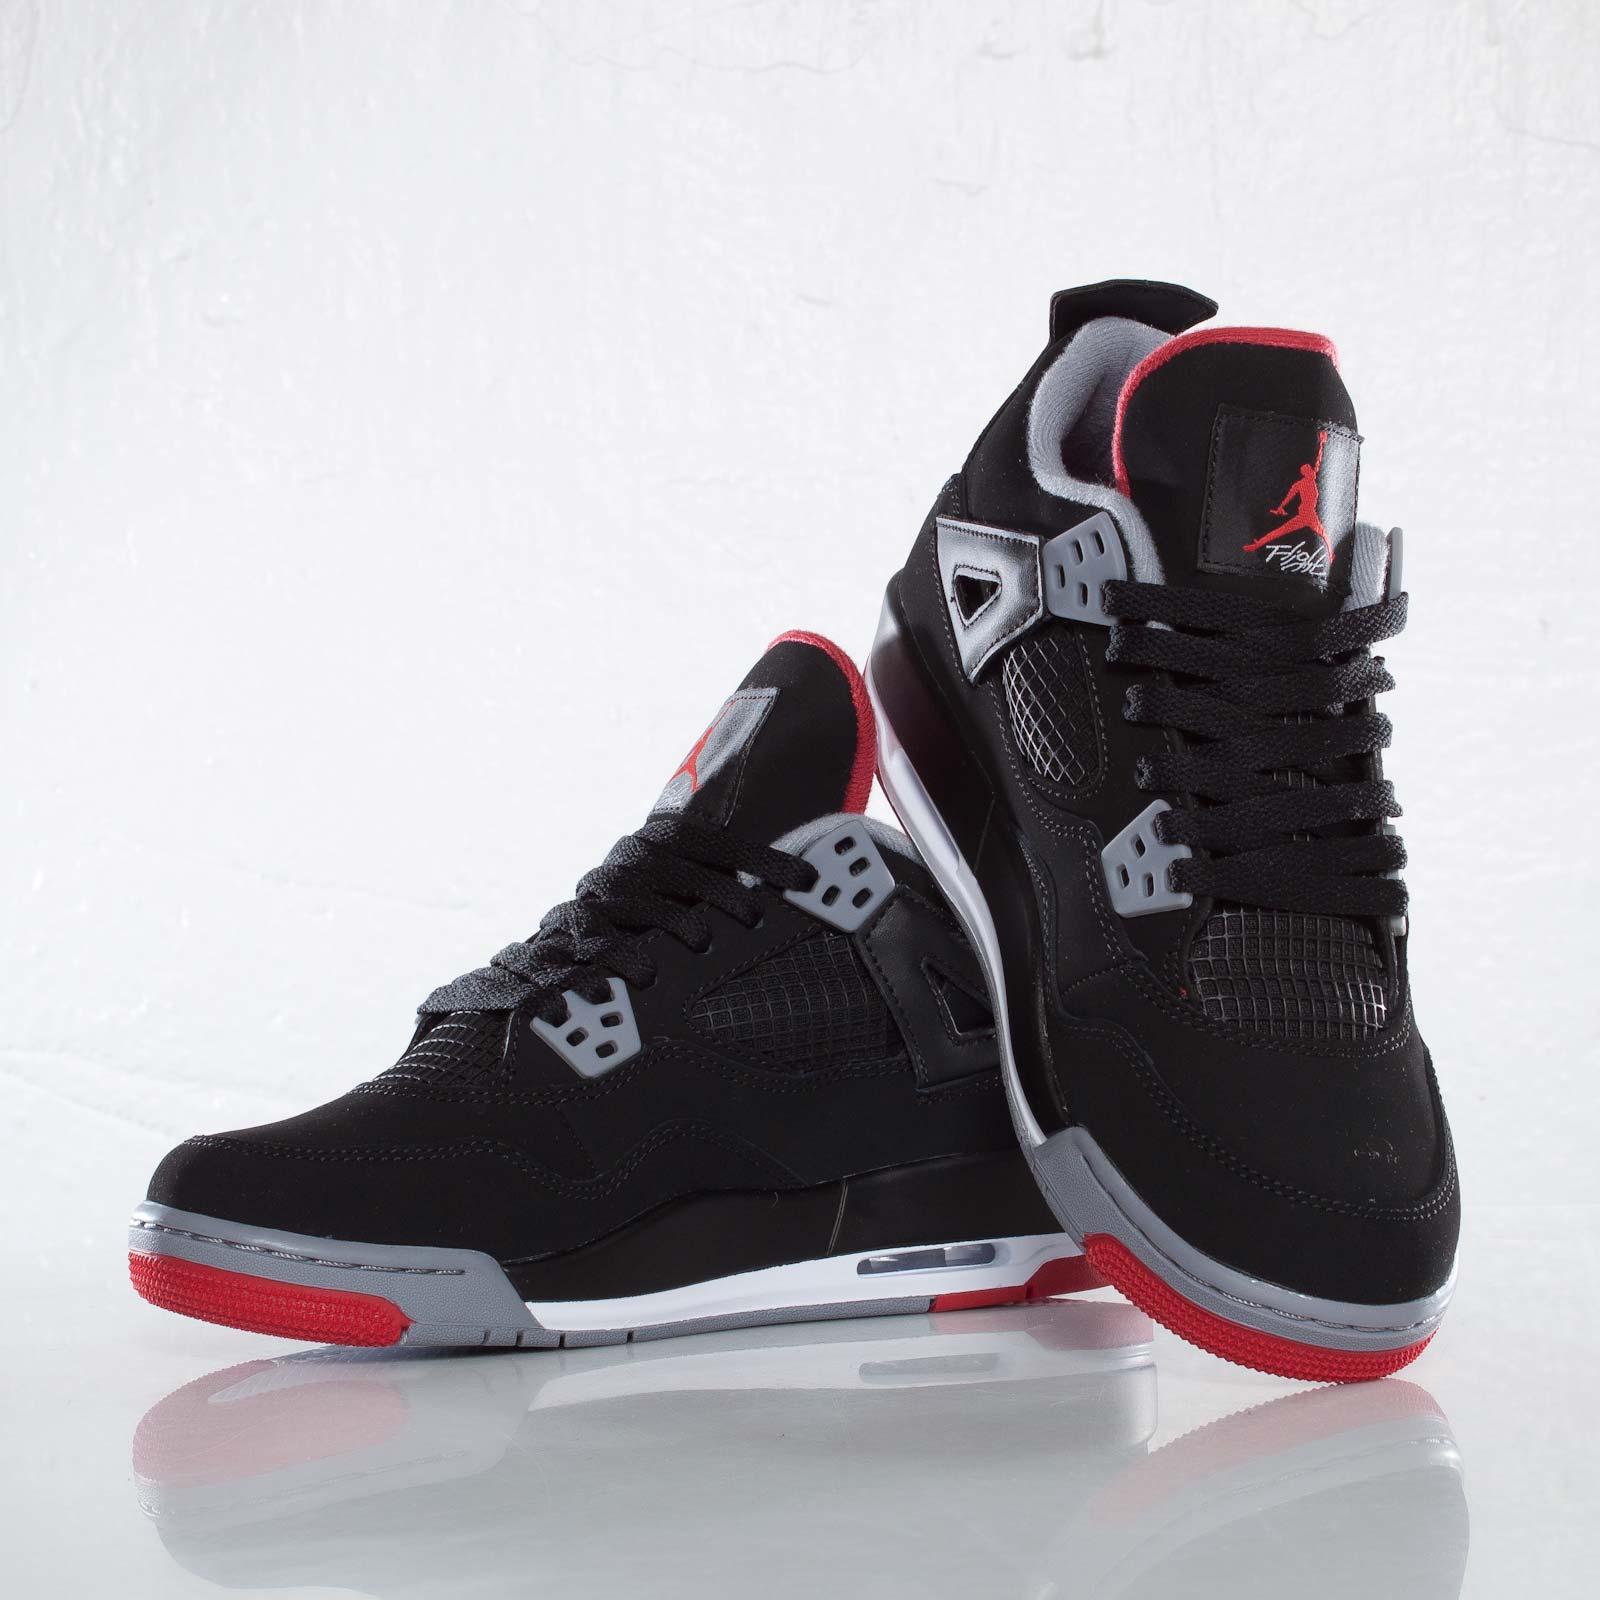 on sale 8b549 ee262 Jordan Brand Air Jordan 4 Retro (GS) - 408452-089 - Sneakersnstuff    sneakers   streetwear online since 1999